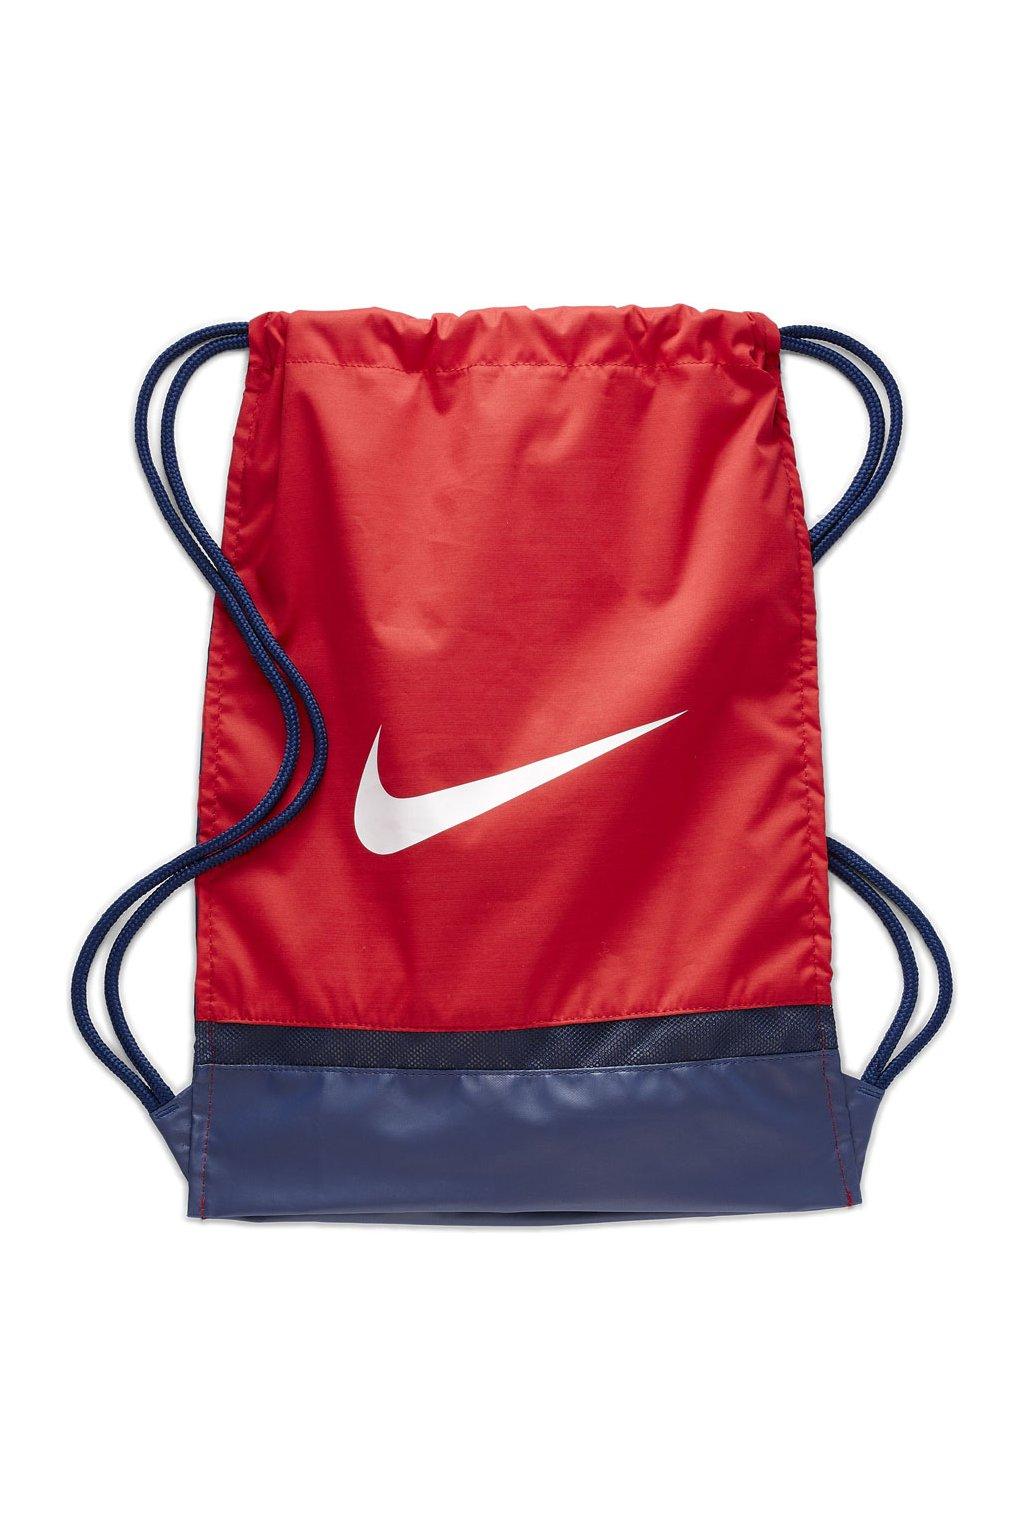 Vak na obuv Nike Brasilia červený BA5338 658